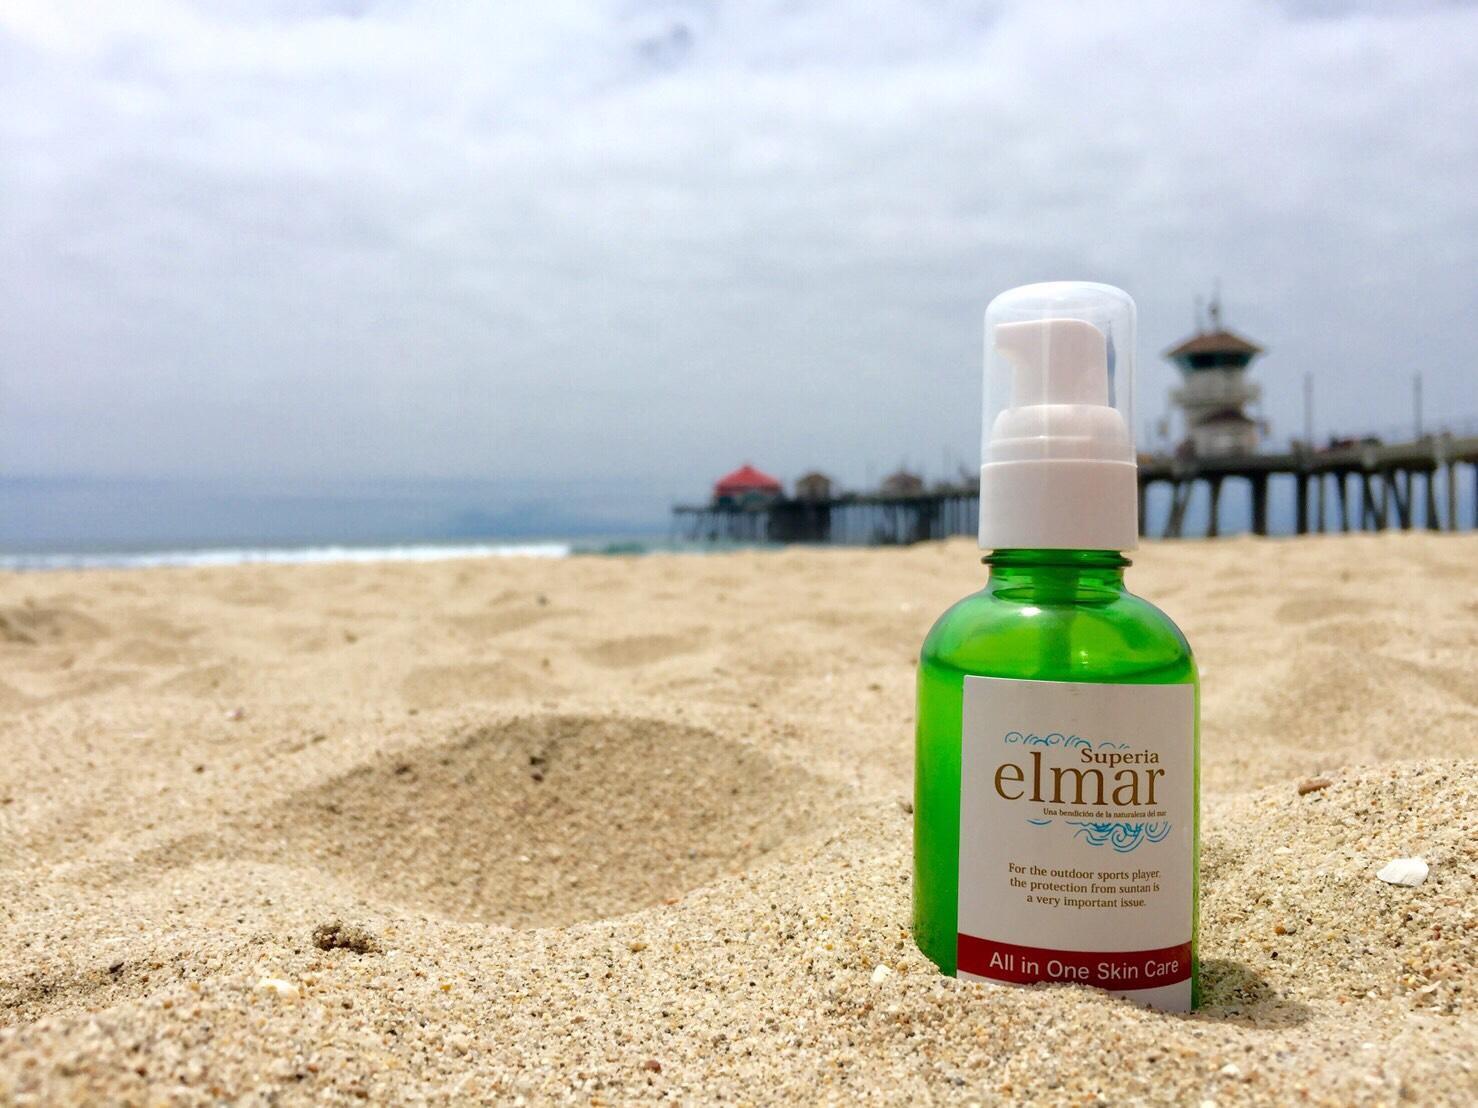 エルマールスーペリア公式ブログ『海とわたし』